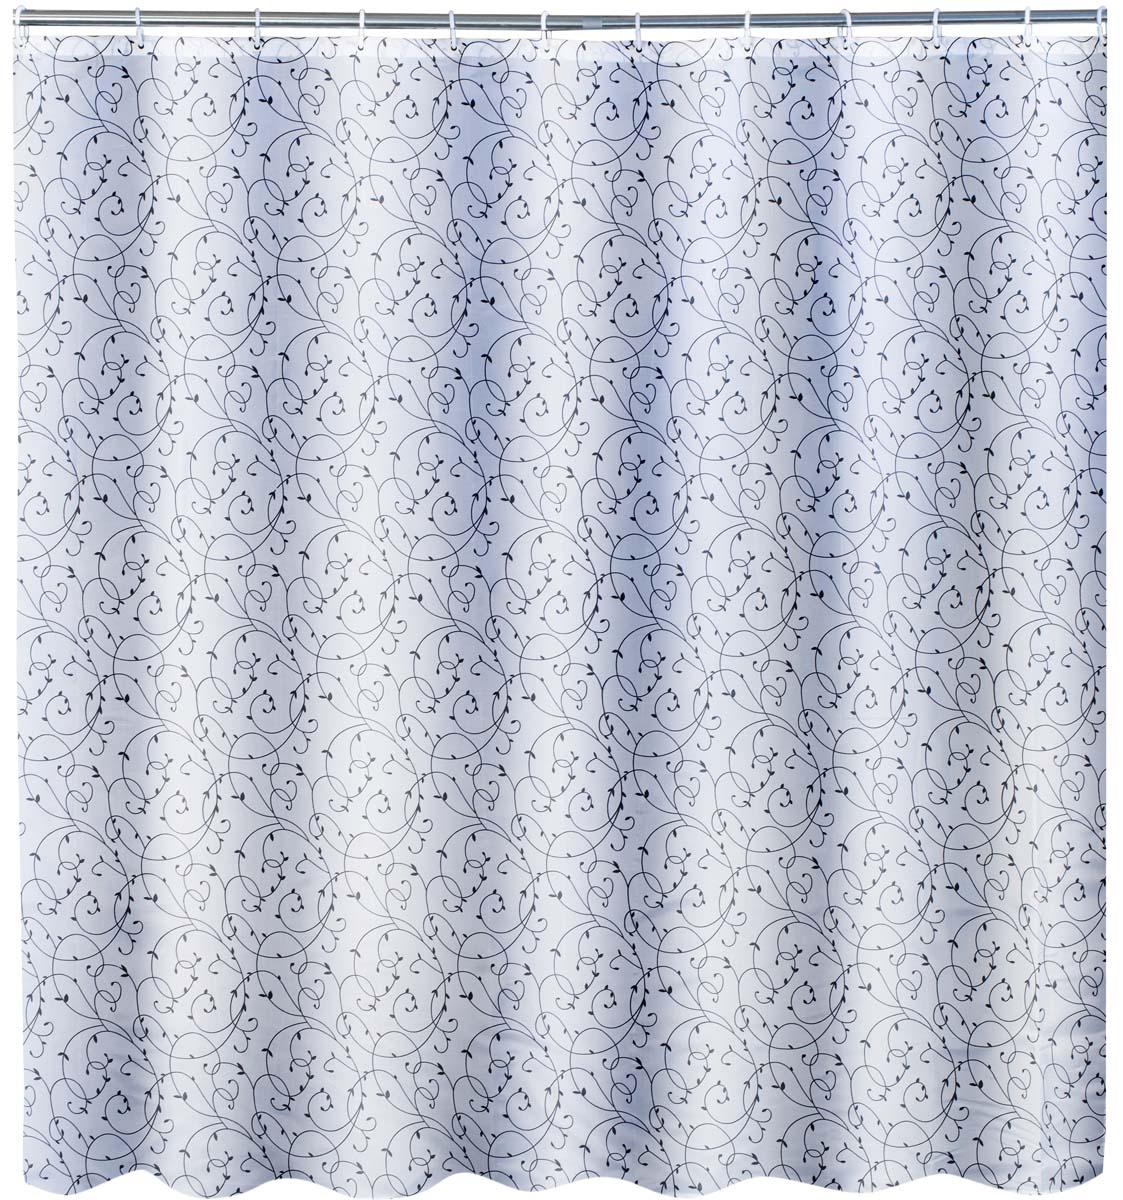 Штора для ванной комнаты обработана высококачественной пропиткой, что повышает ее водоотталкивающие свойства. Имеет 12 пластиковых колец, плотность ткани 70 гр/кв.м. По нижнему краю занавески расположена утяжеляющая полоска, не позволяющая занавеске мяться. В комплекте 12 колец.